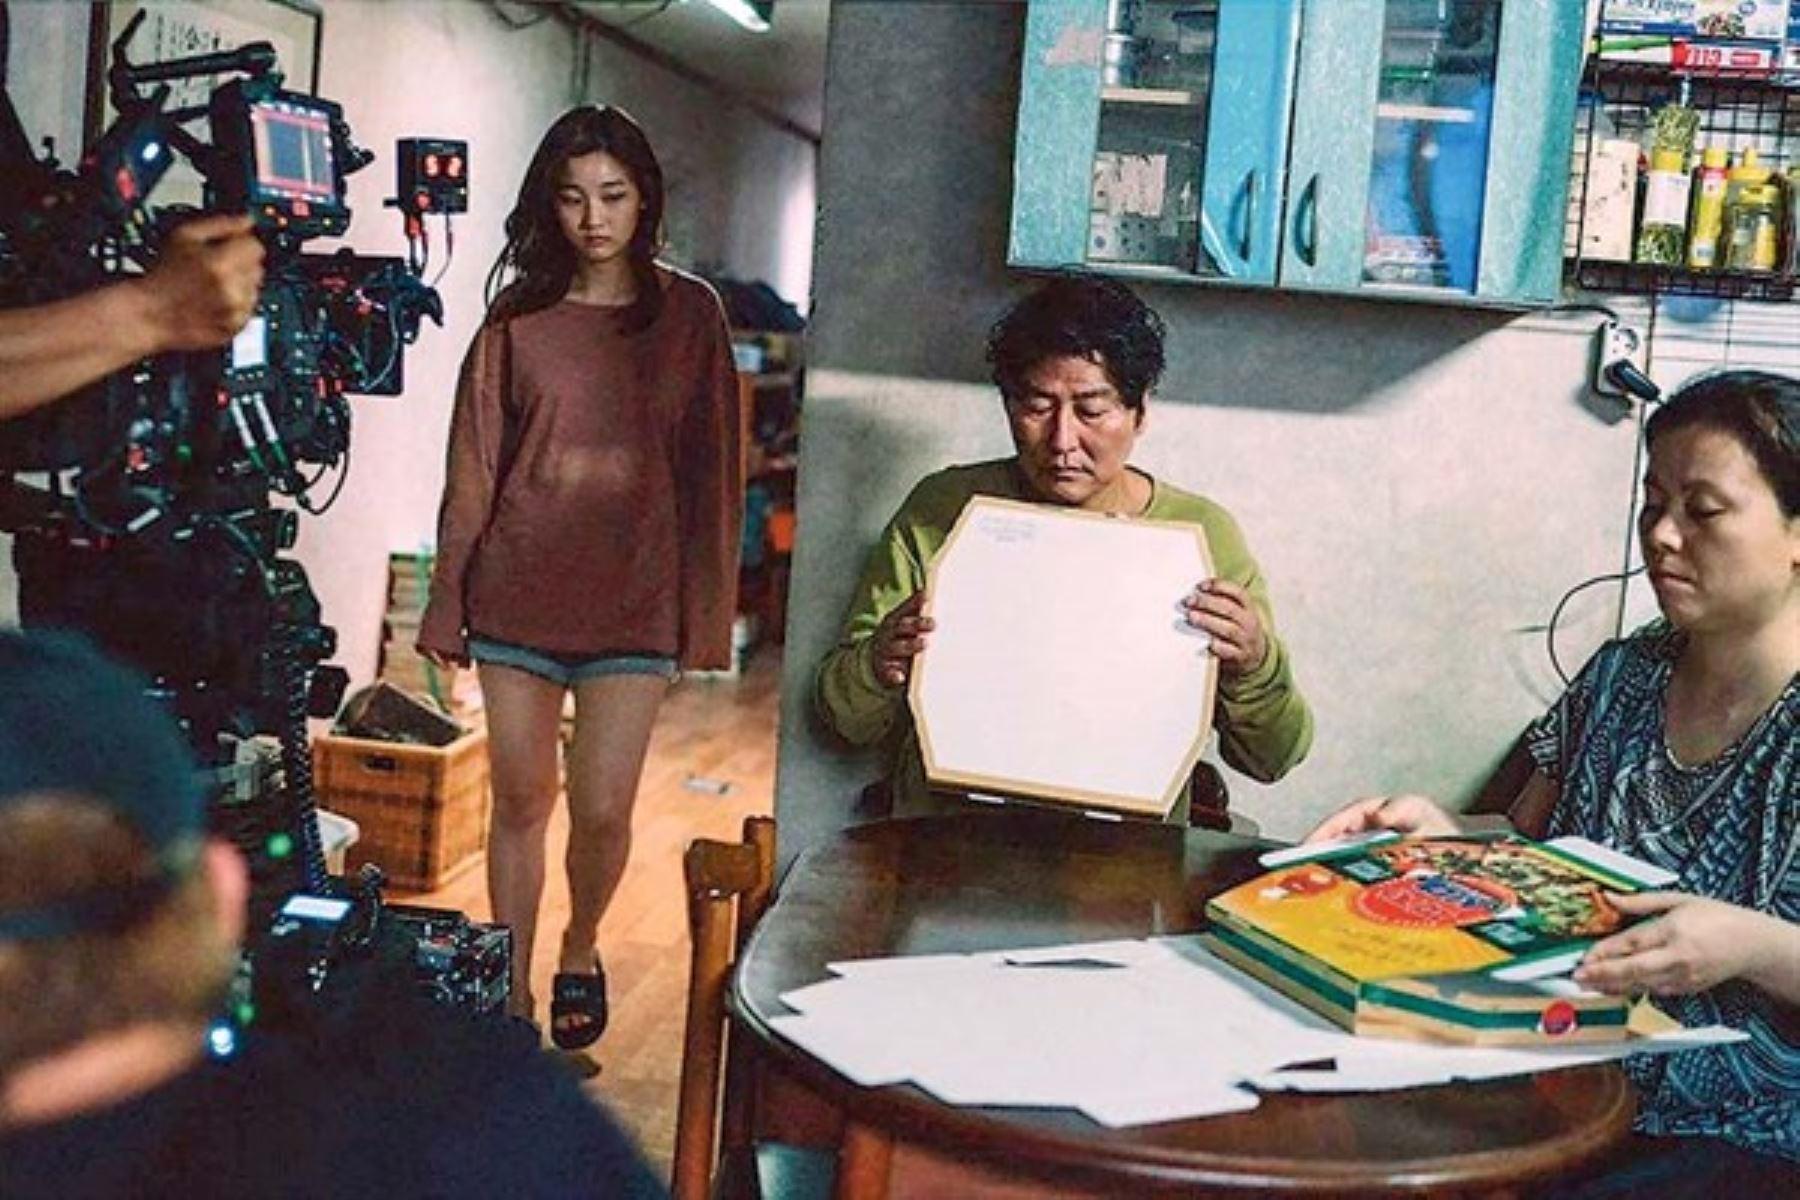 Filmación de Parásitos de Bong Joon-ho